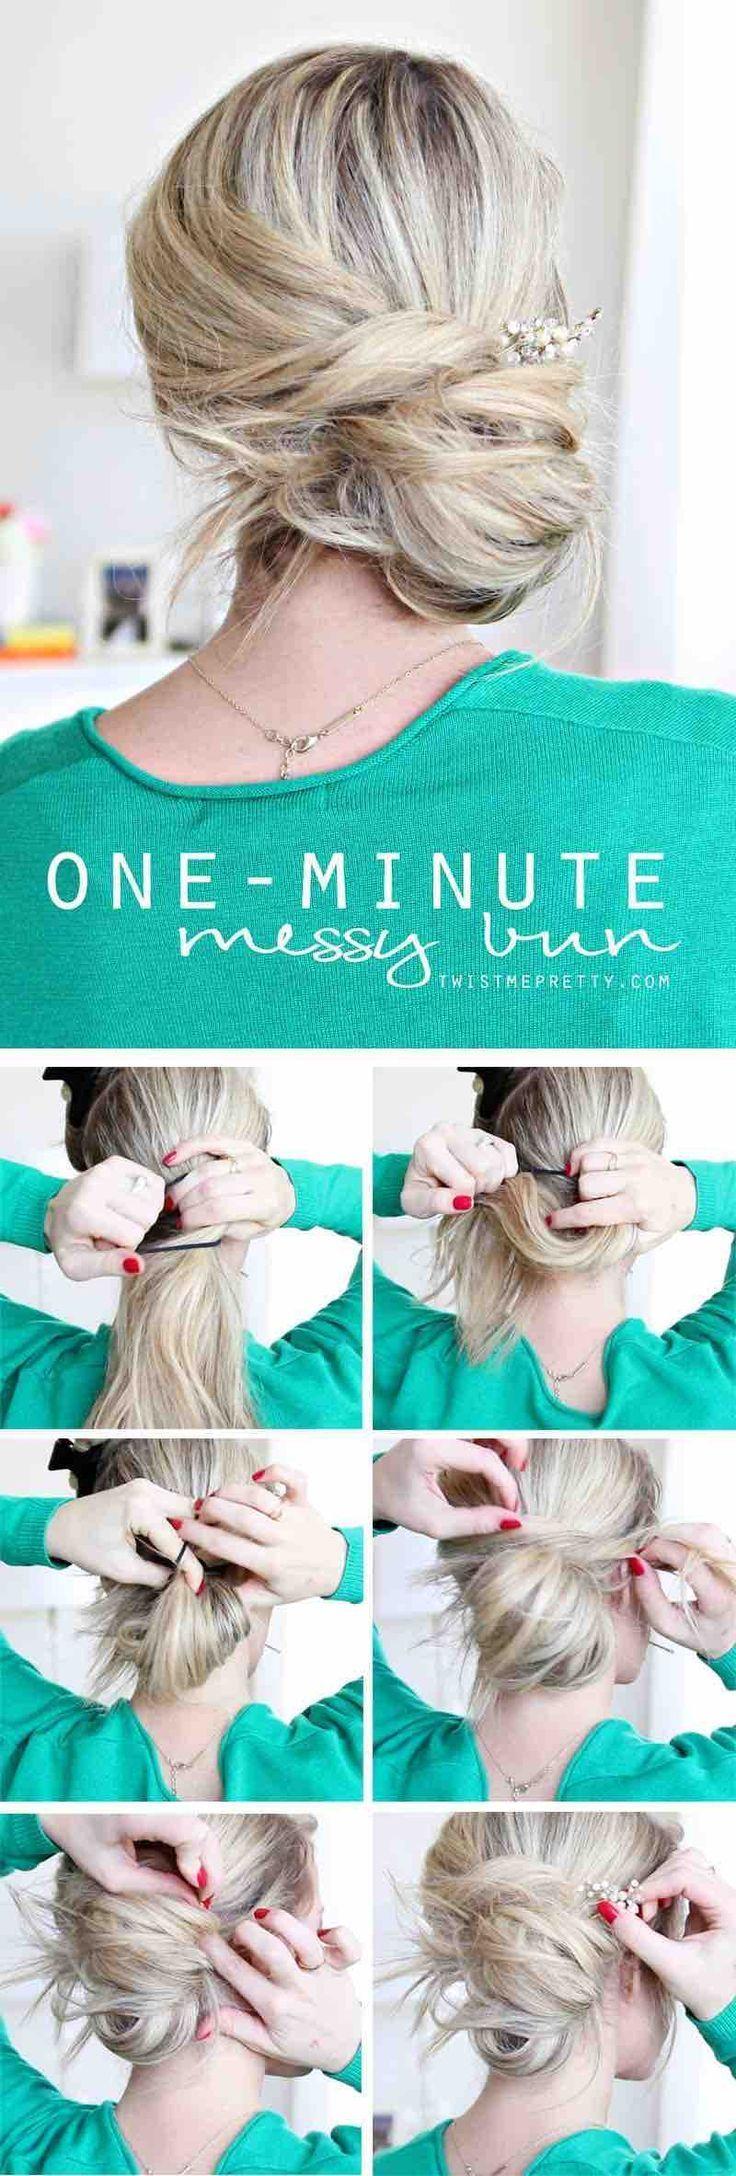 25 + › Einfache Frisuren für die Arbeit – One Minute Messy Bun – Schnelle und einfache Frisuren für das faule Mädchen. Tolle